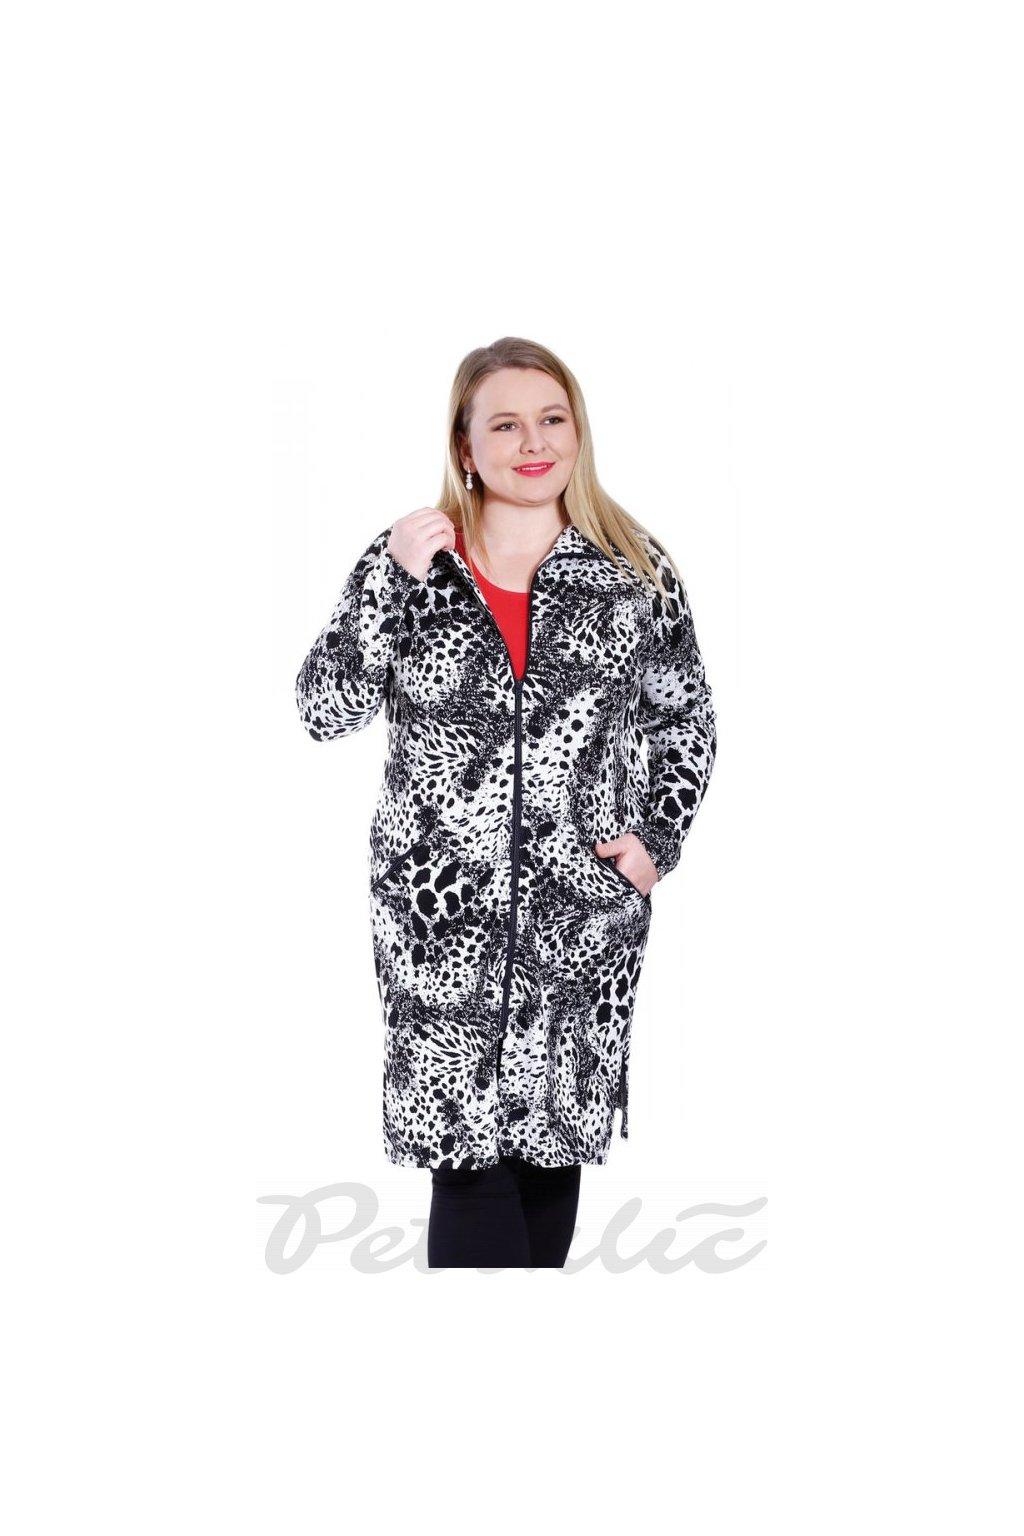 SILVIE K - kabátek 80 - 85 cm